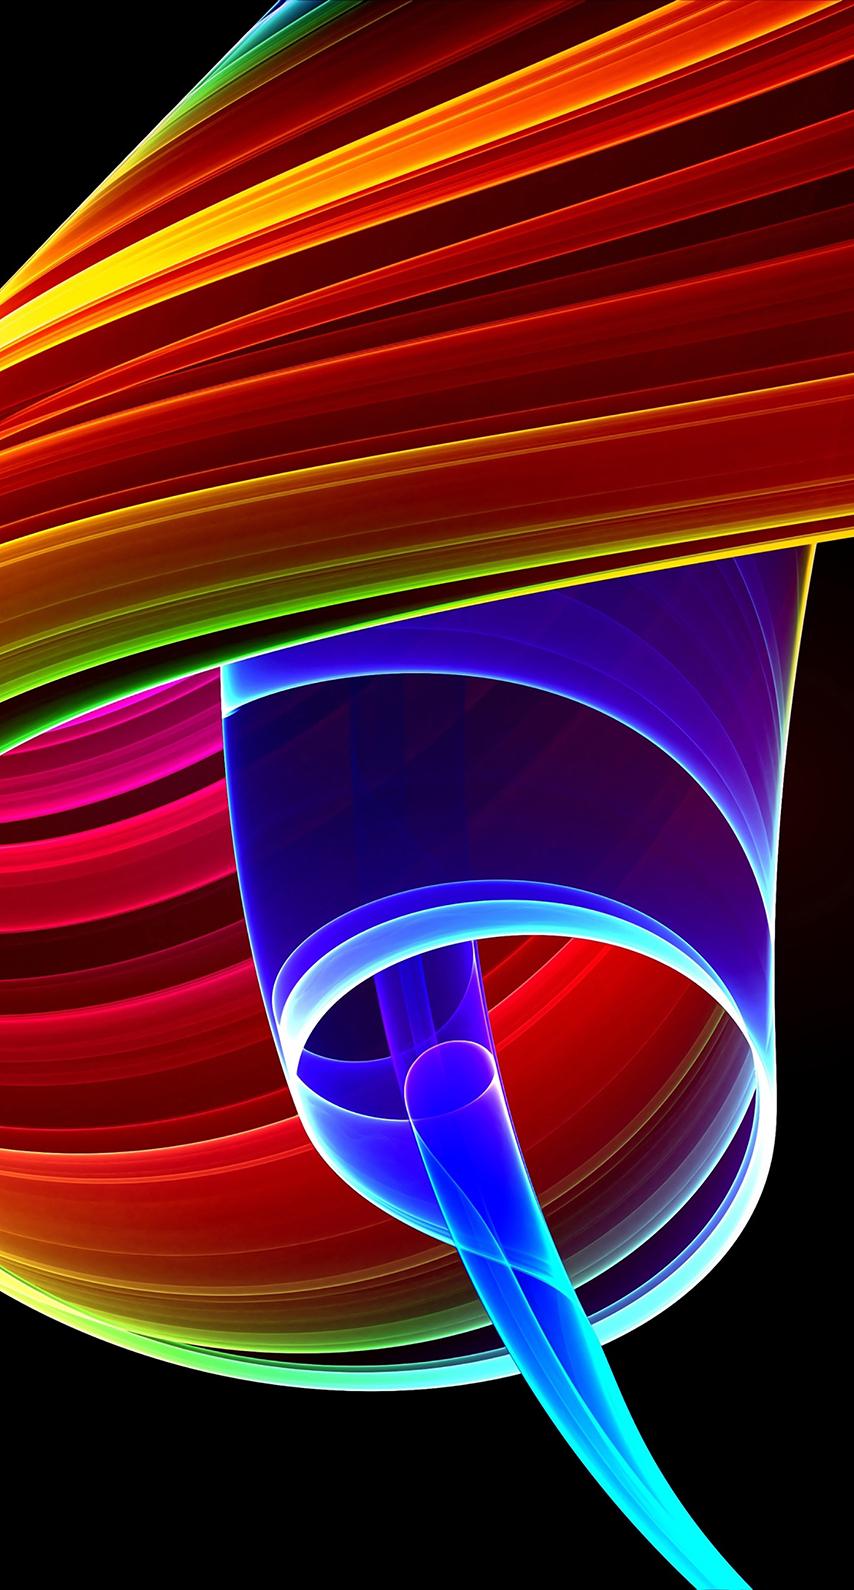 color, curve